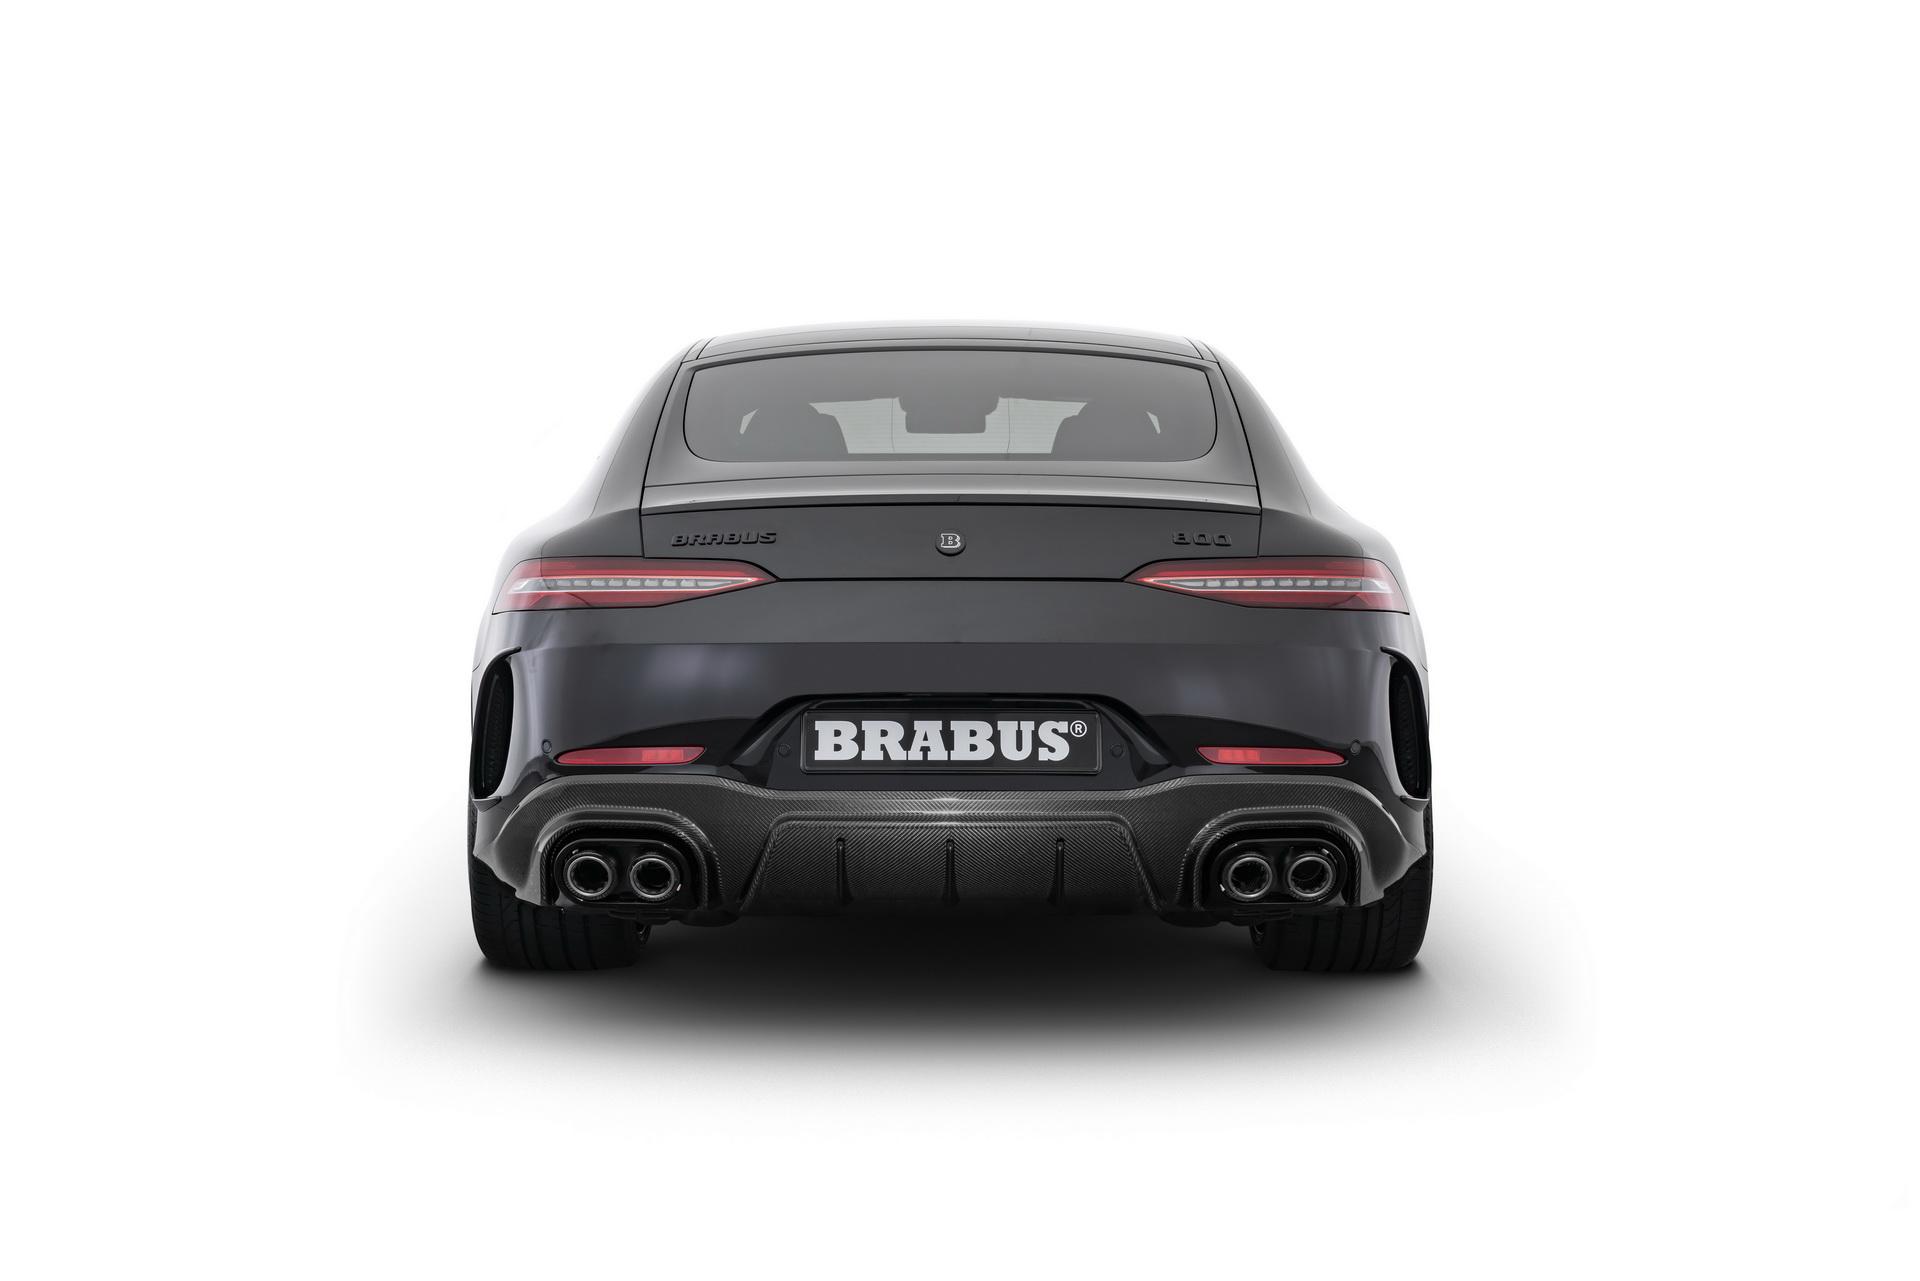 Brabus GT63 S AMG Rear Lights